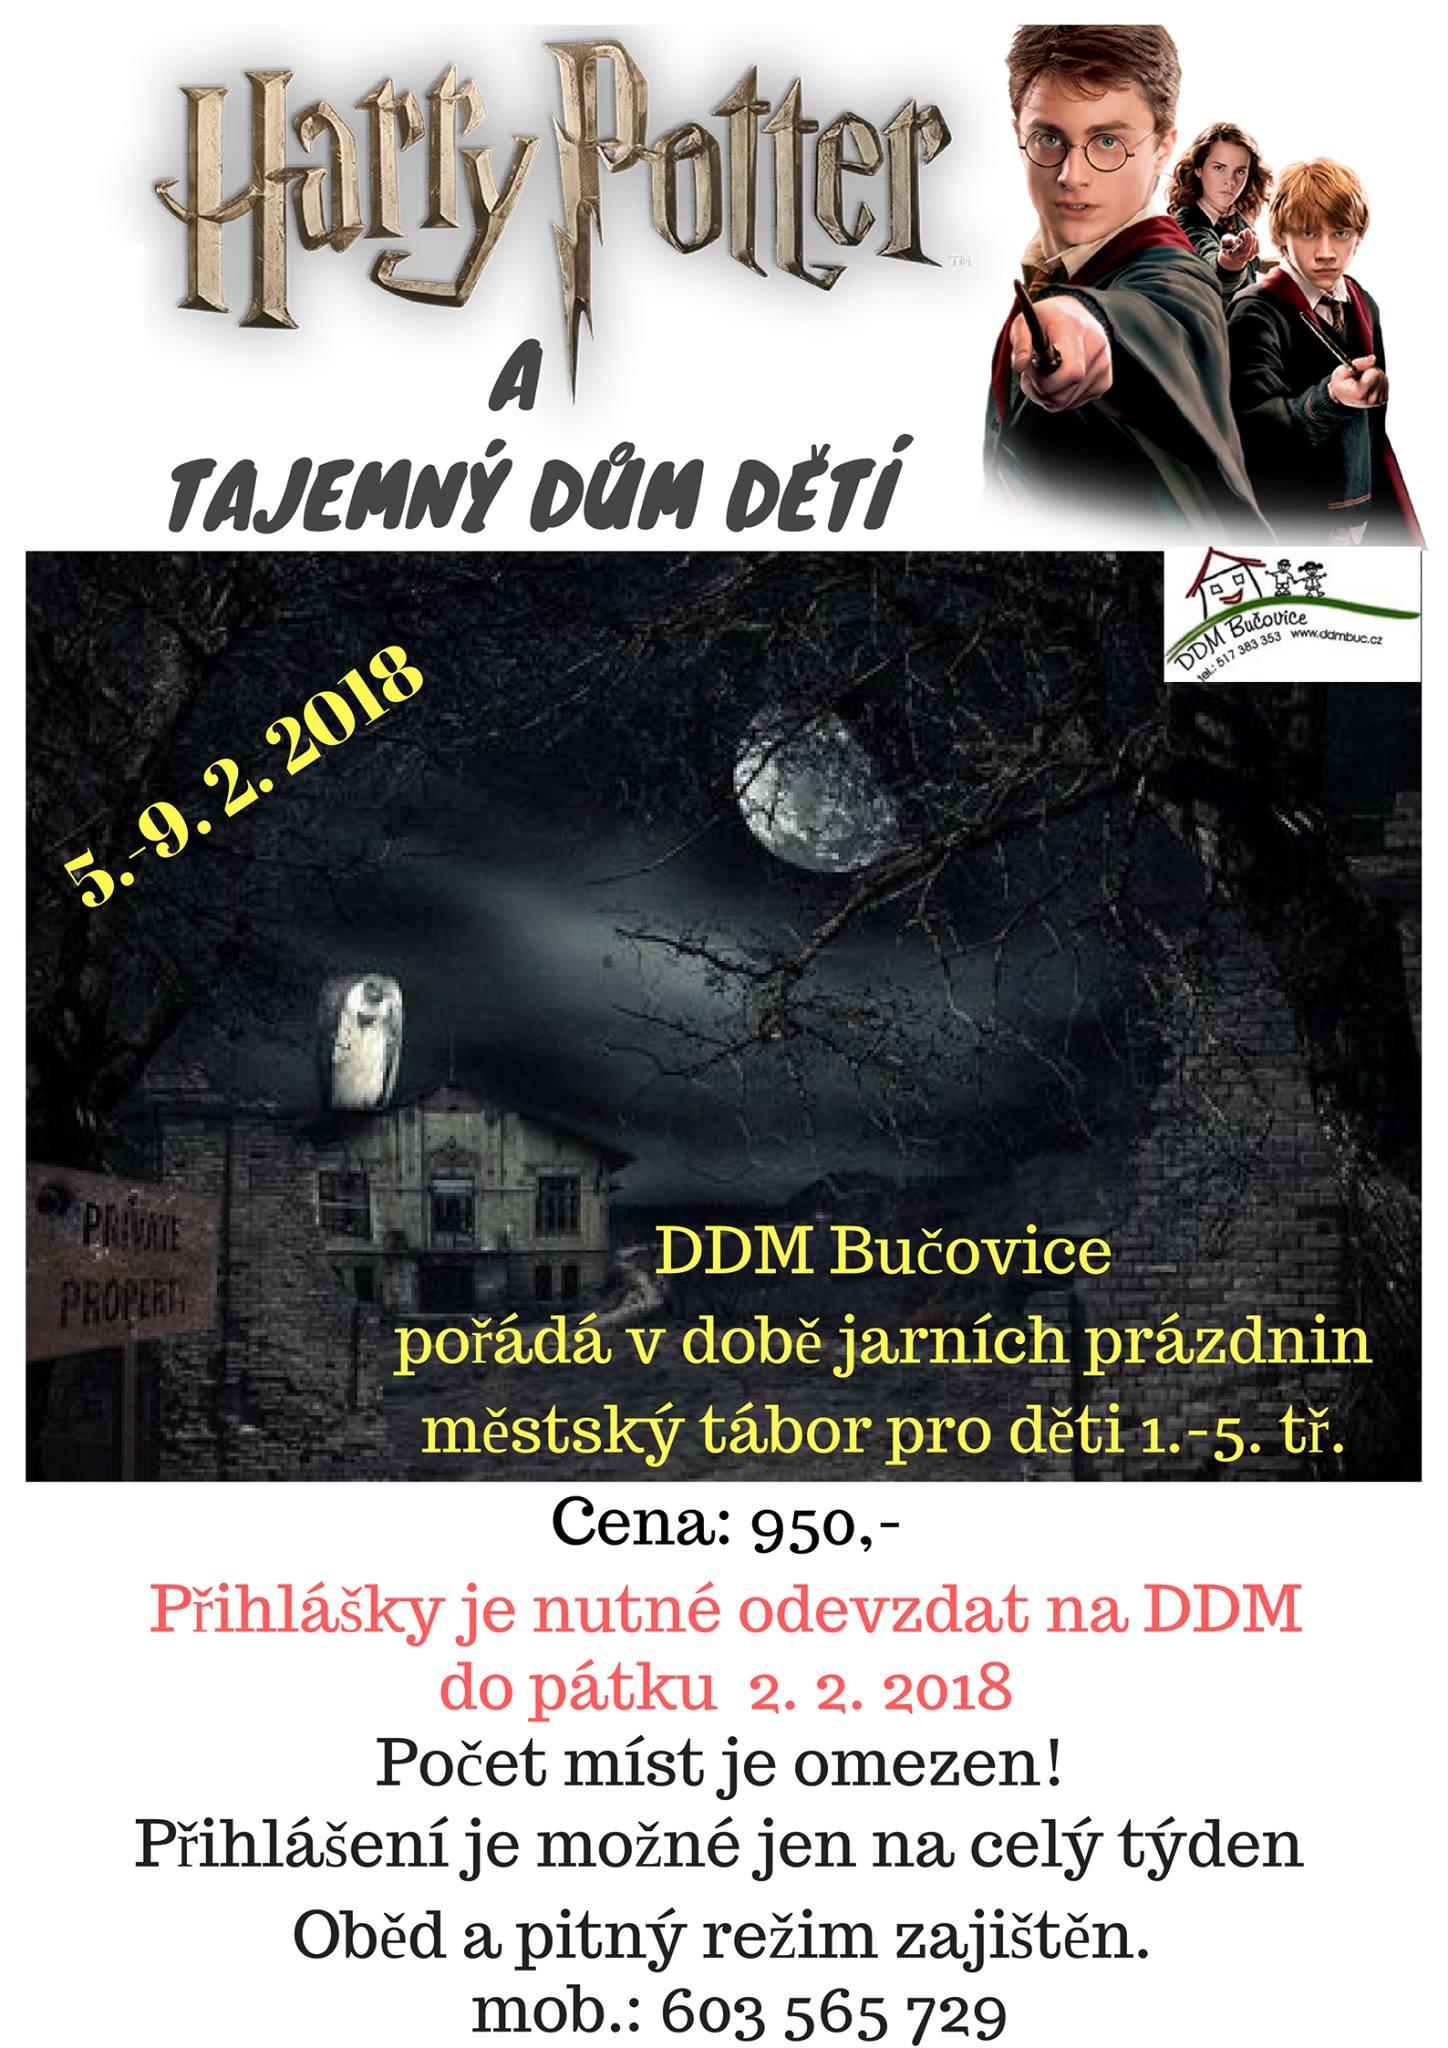 http://www.bucovice.cz/assets/File.ashx?id_org=1516&id_dokumenty=28220